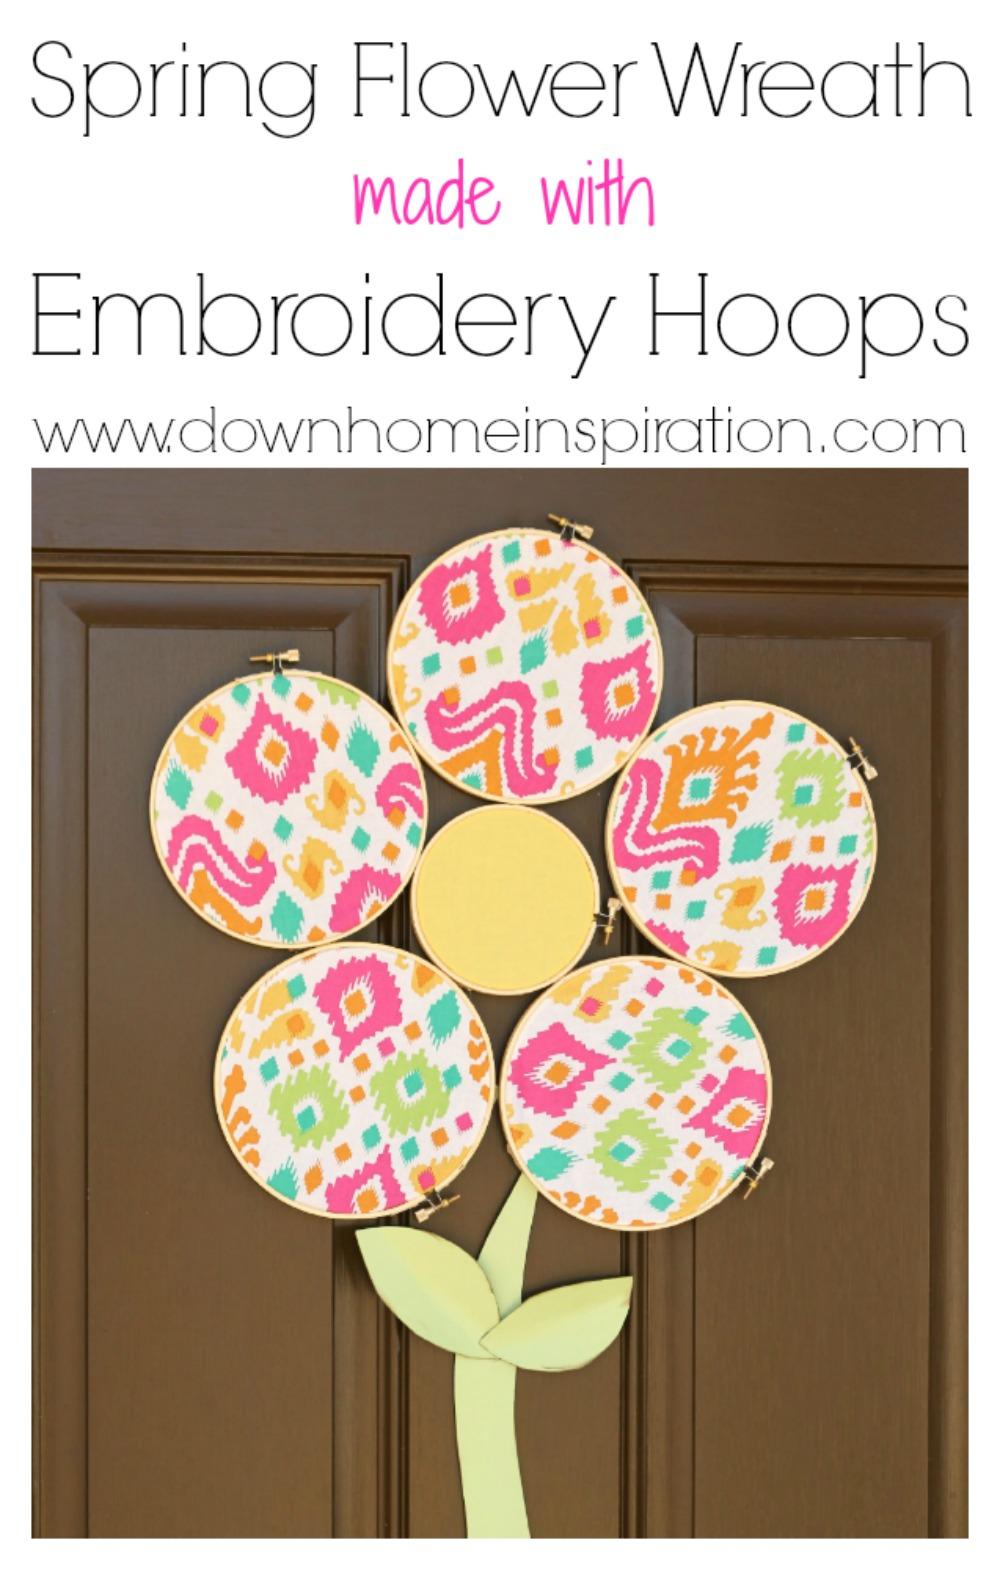 embroidery-hoop-flower-wreath-2